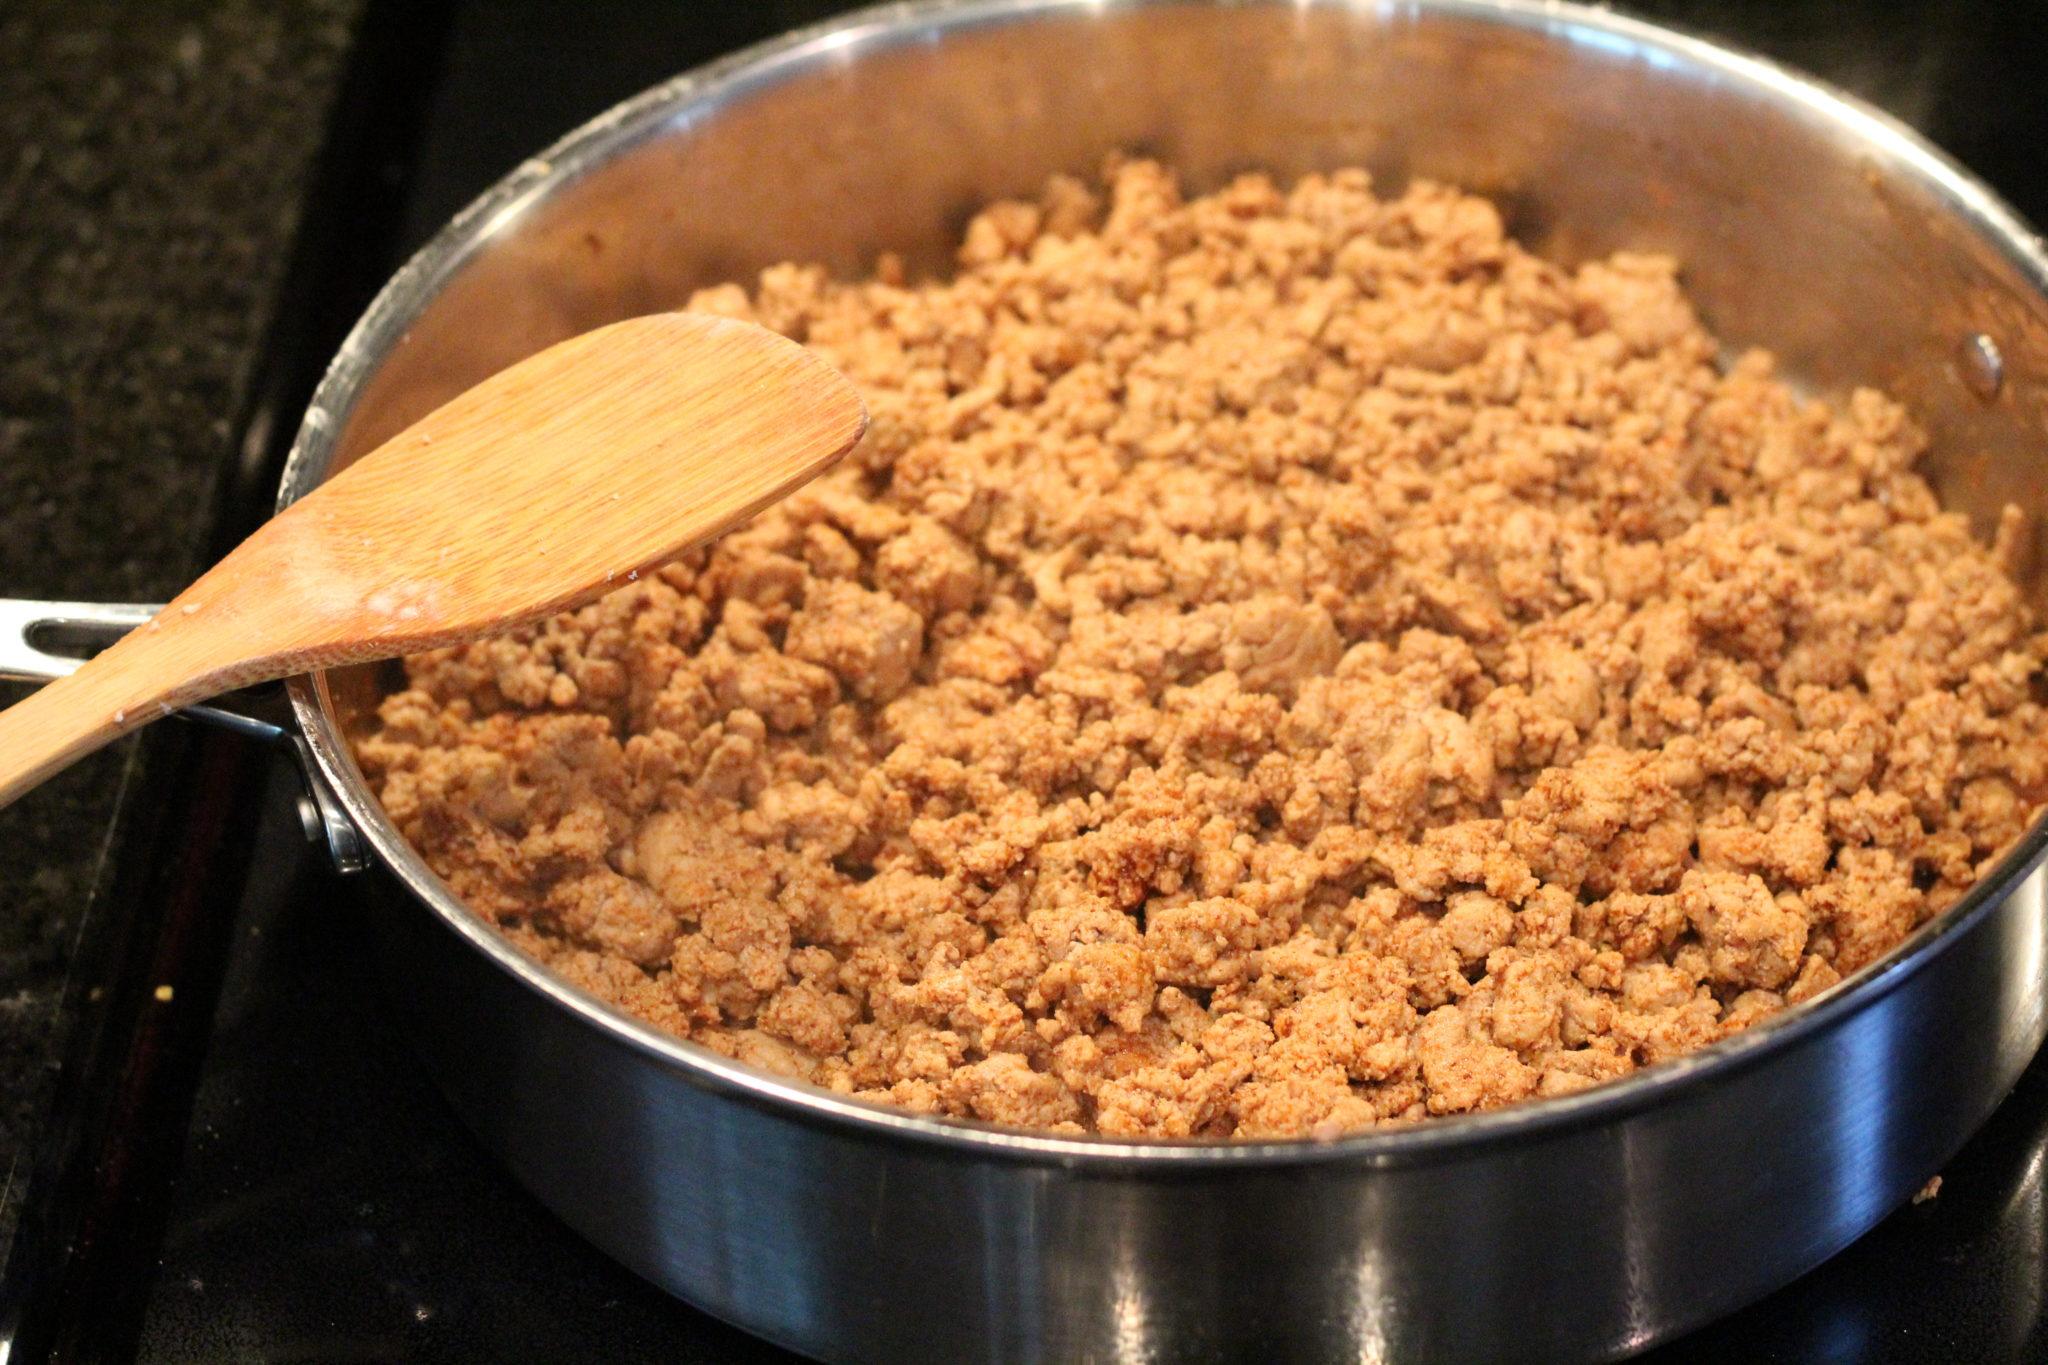 Brown ground turkey meat